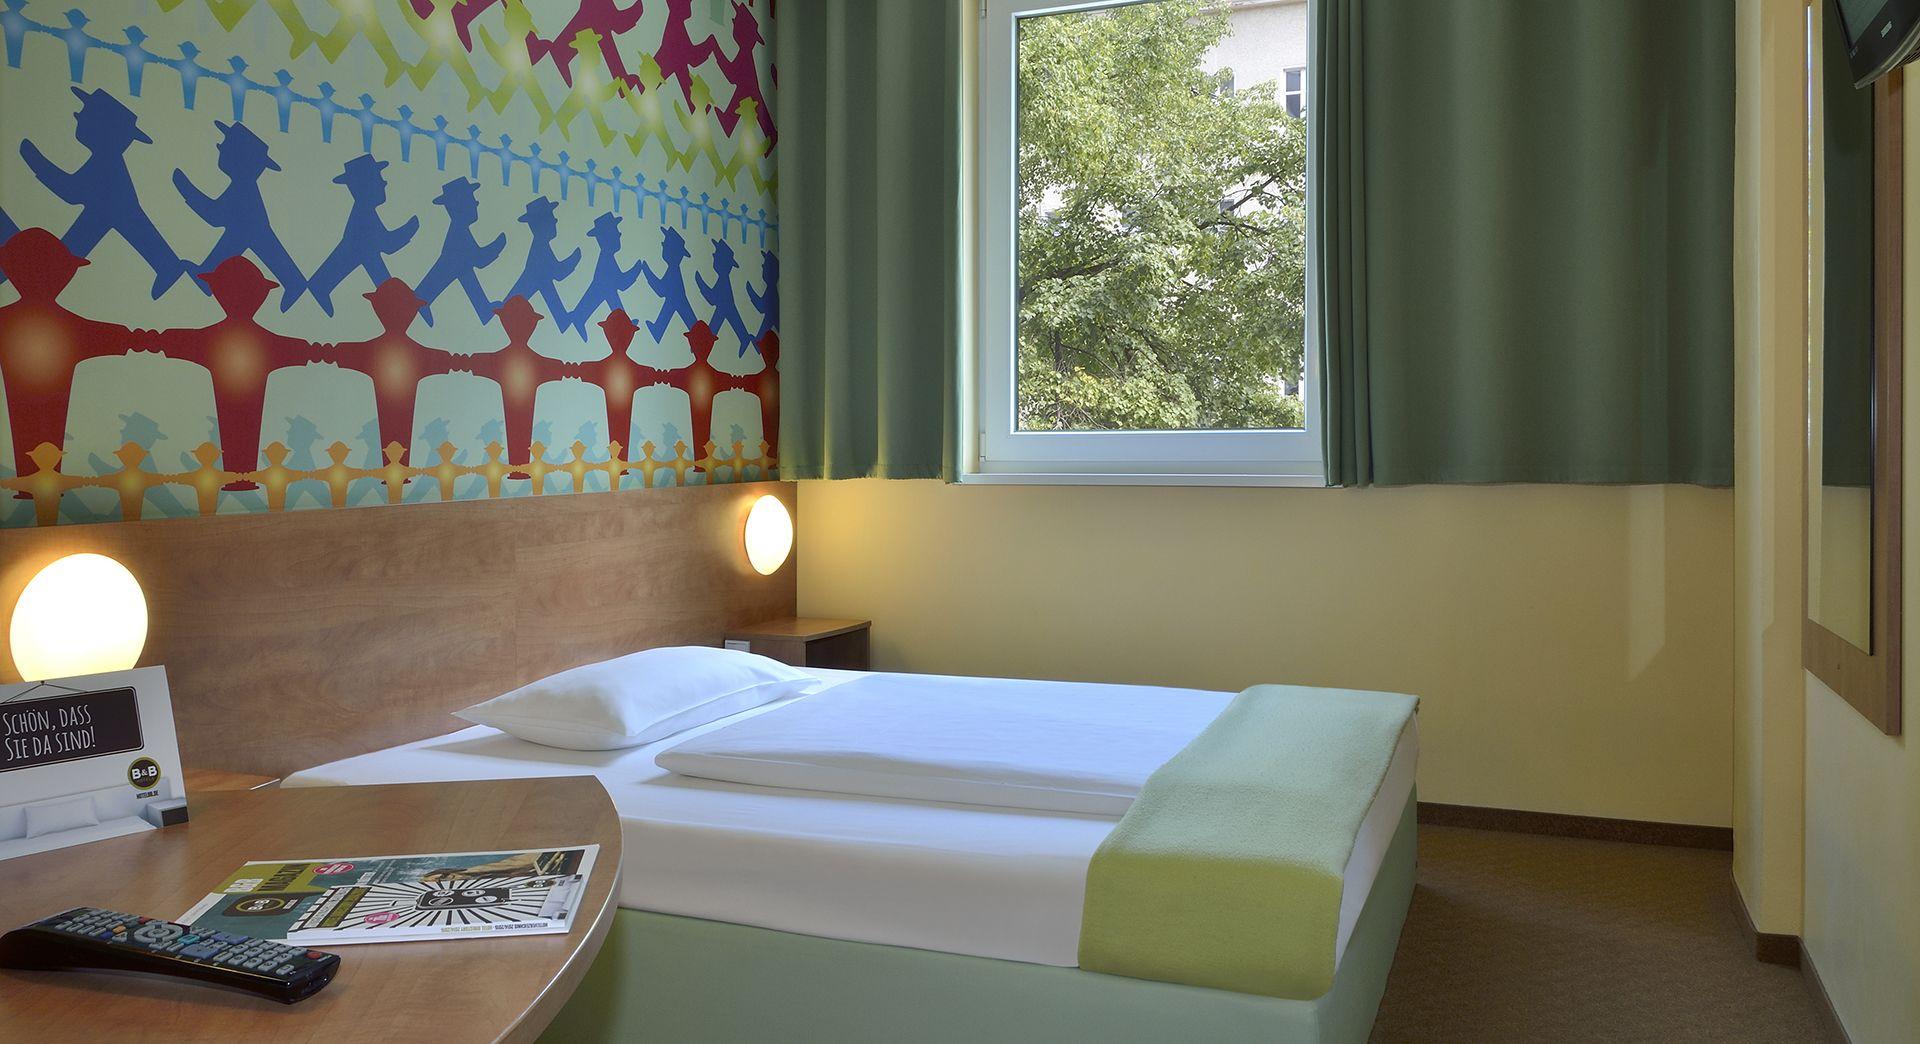 Zimmer Mit Franzosischem Bett Im B B Hotel Berlin Potsdamer Platz